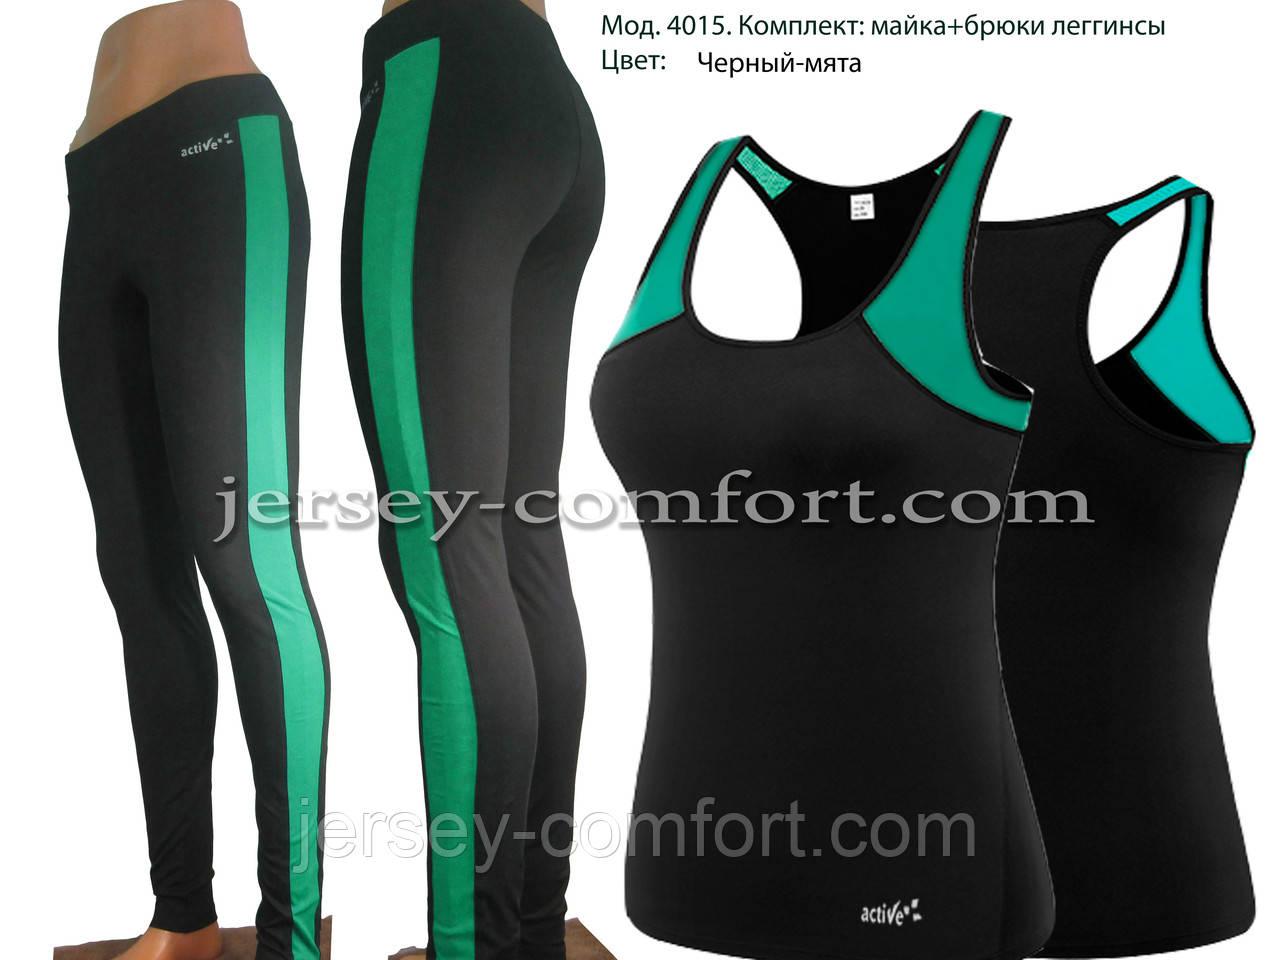 Спортивный женский костюм. Майка и леггинсы. Мод. 4015.Мята